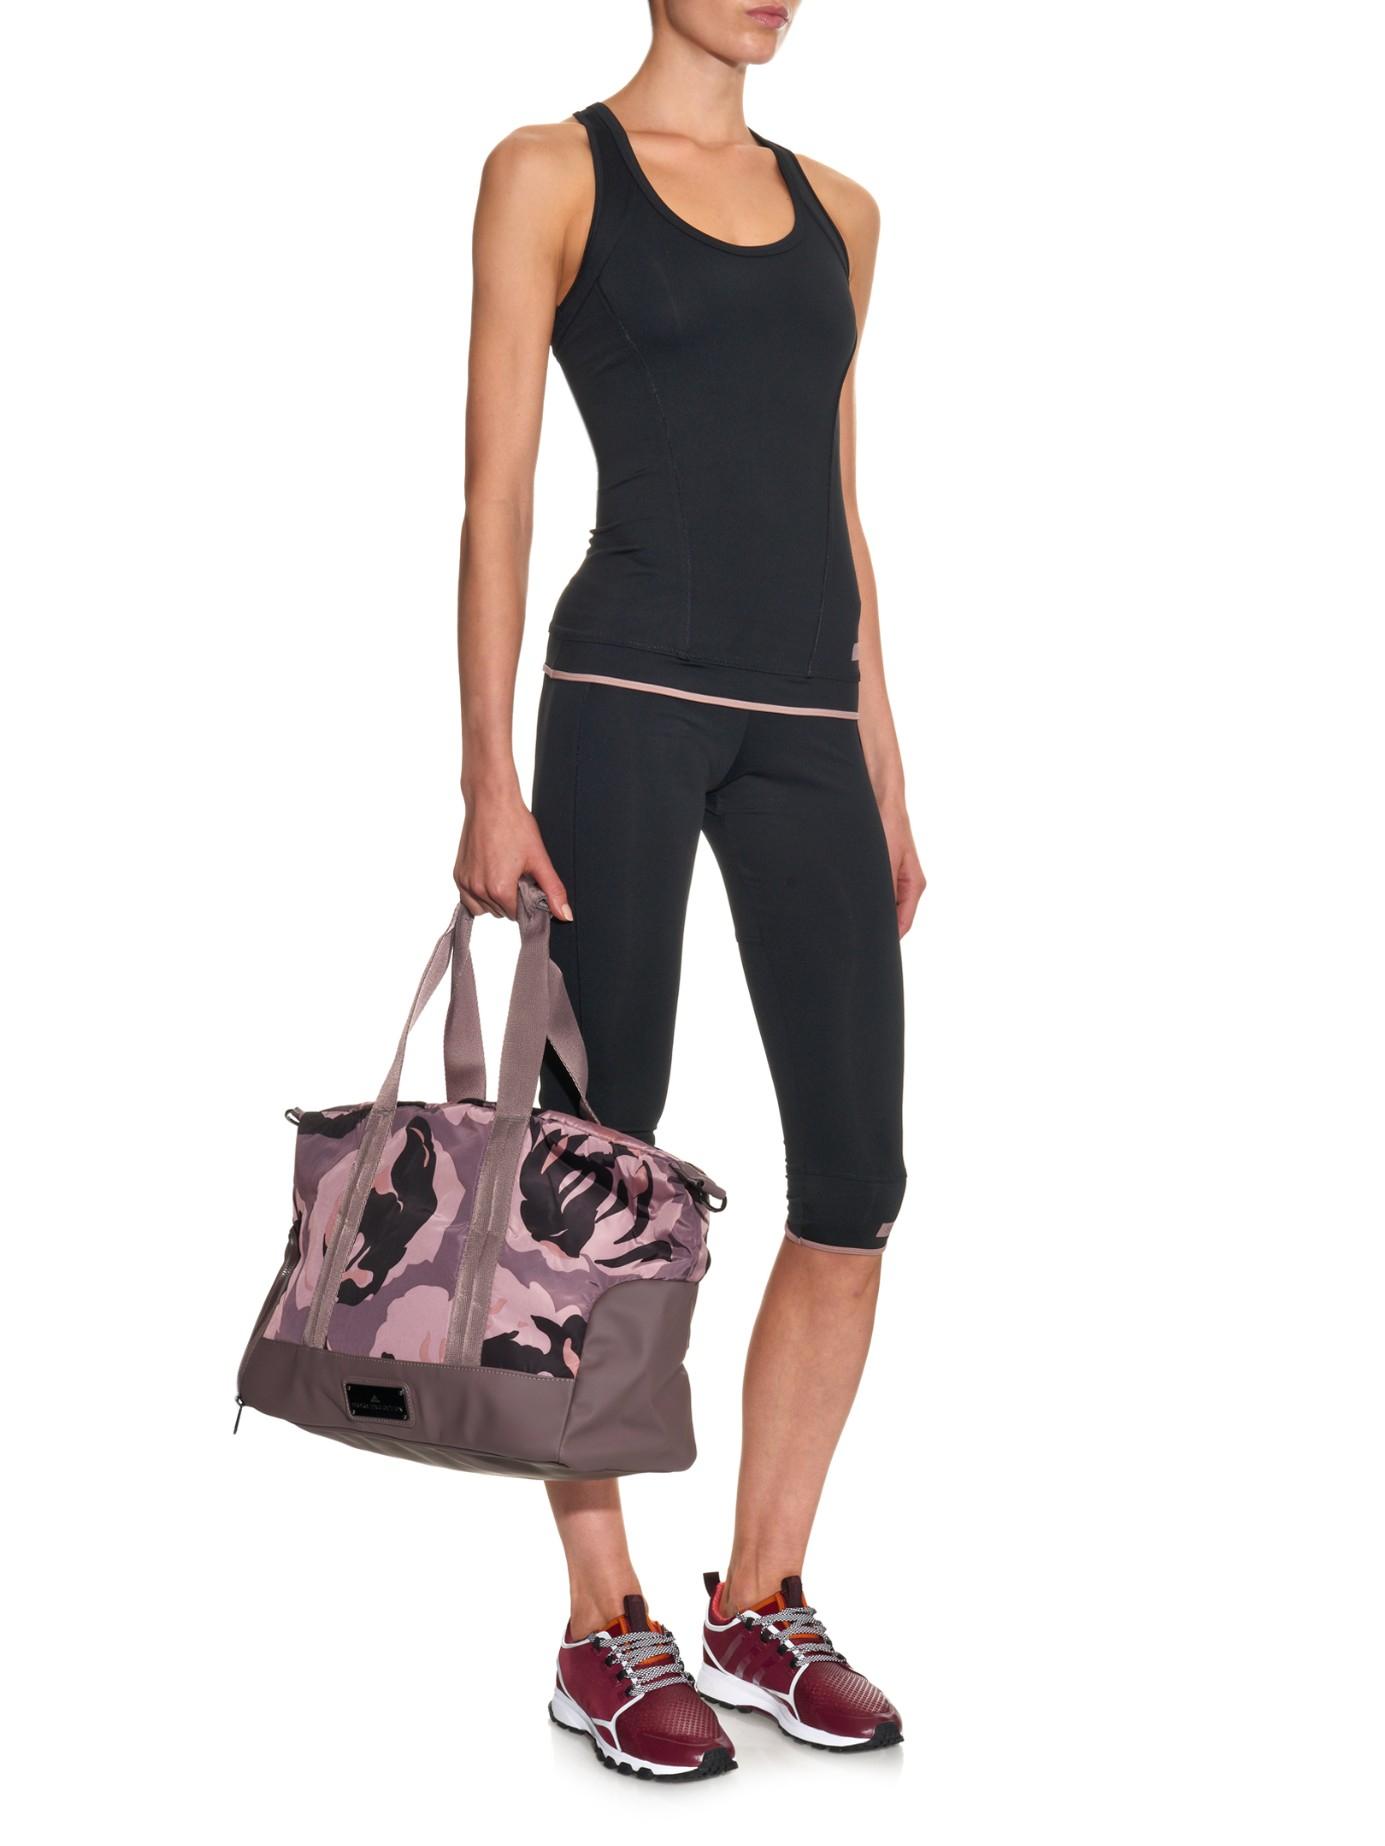 21d1fa9497 adidas By Stella McCartney Canvas Gym Bag in Pink - Lyst